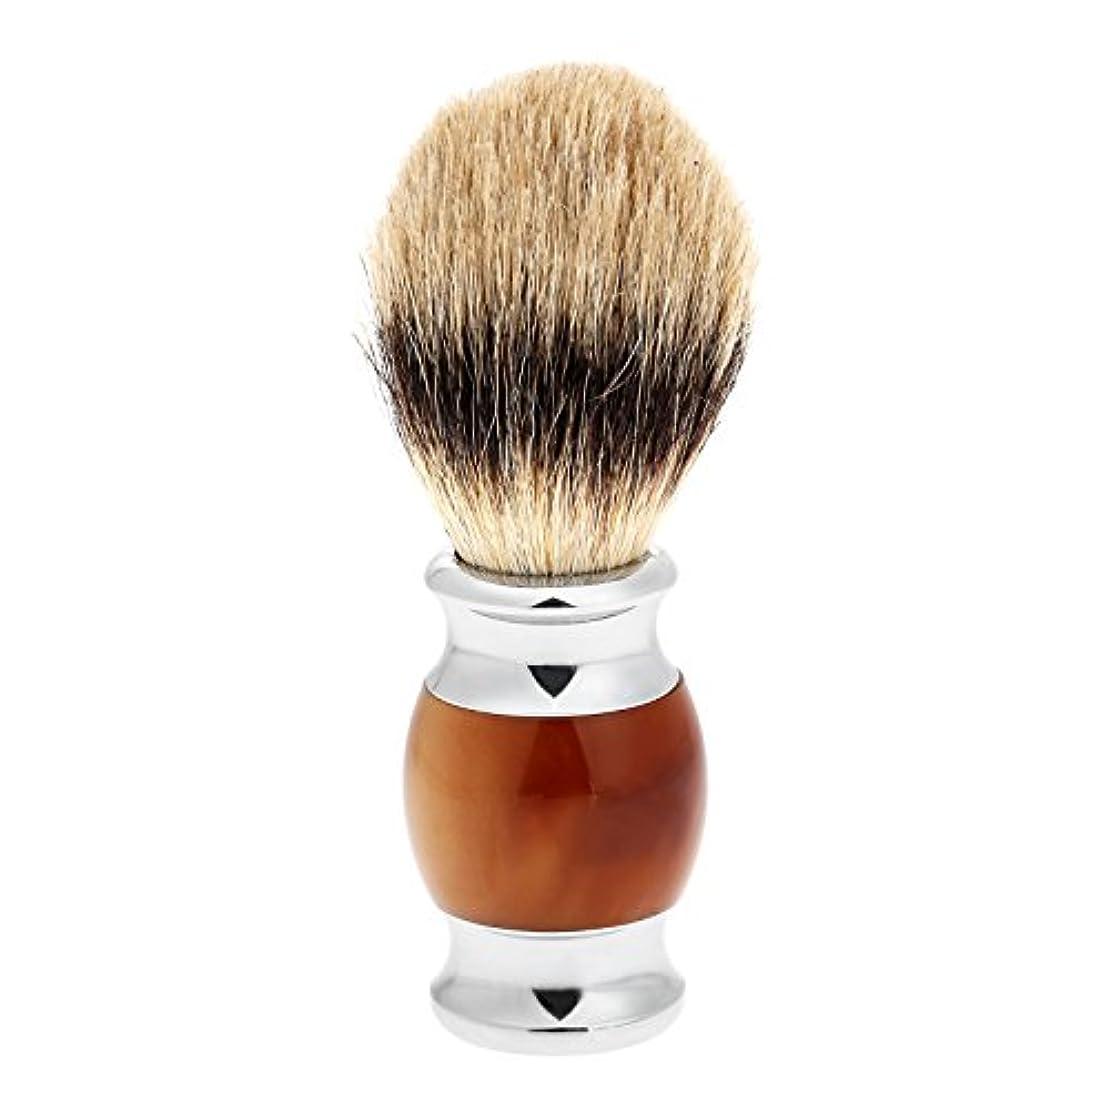 フィットネス散歩はっきりしない1PC メンズ ひげブラシ アナグマ毛 シェービングブラシ バーバー シェービング用ブラシ 理容 洗顔 髭剃り